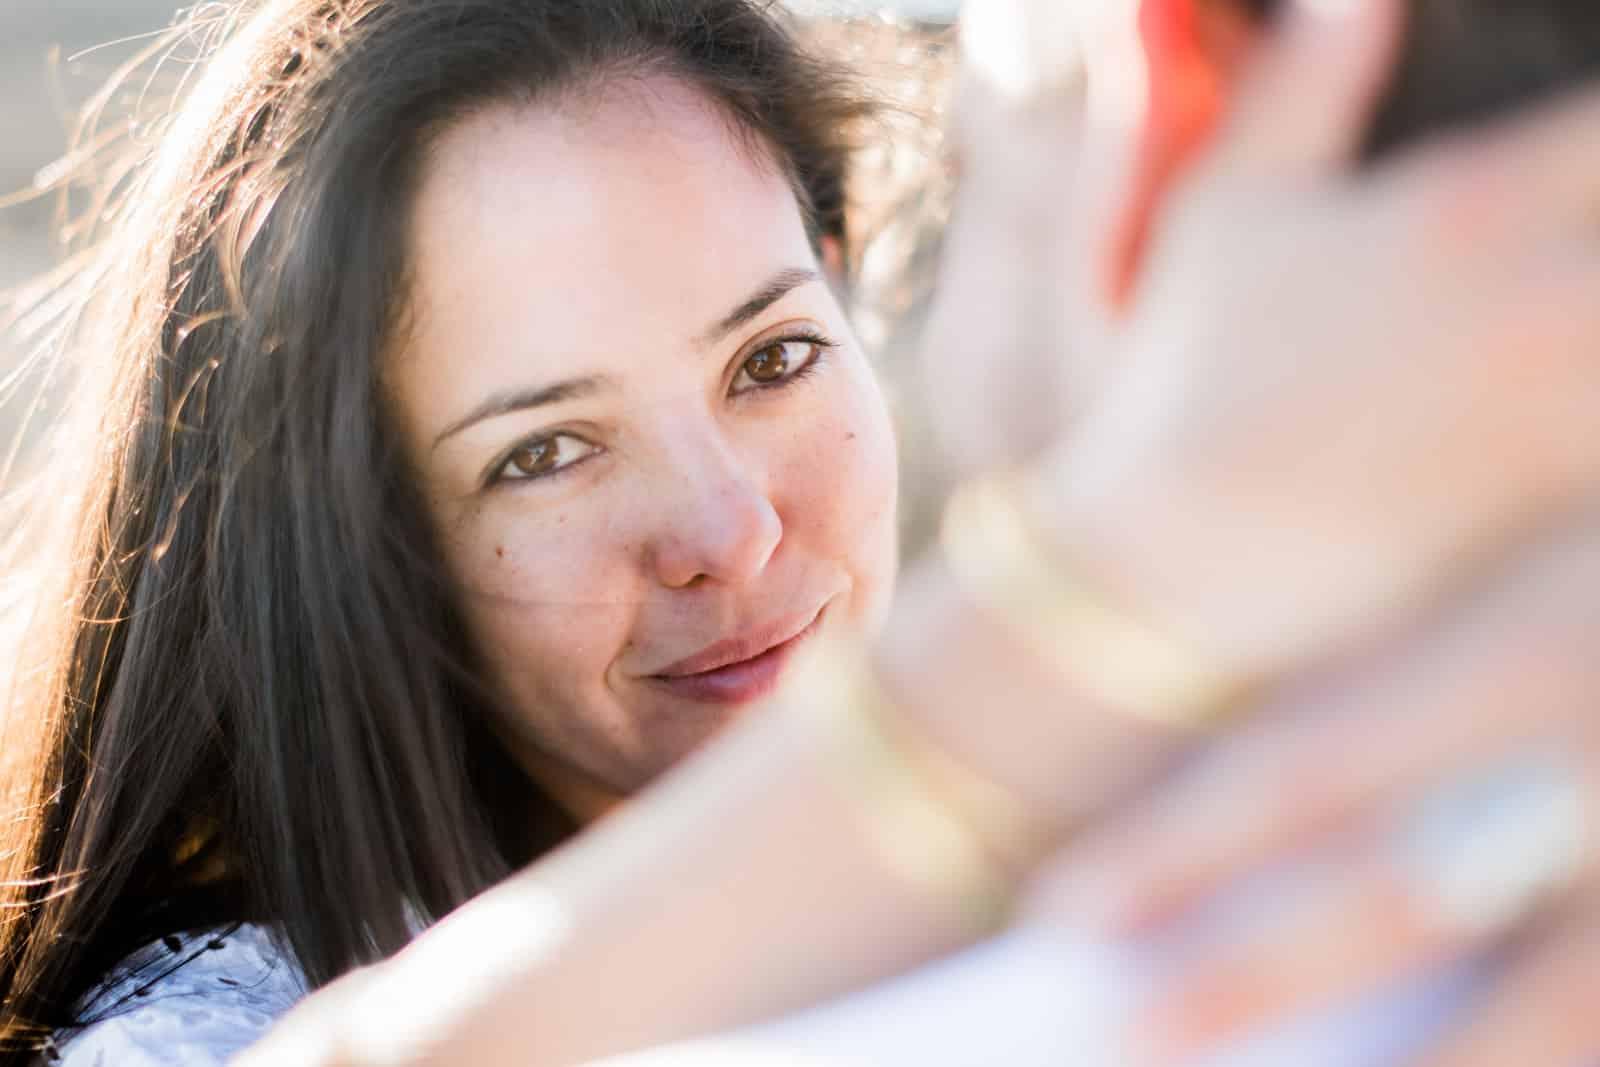 Photographie de Mathieu Dété, photographe de mariage et famille à Saint-Gilles sur l'île de la Réunion 974, présentant le regard d'une femme face à son compagnon